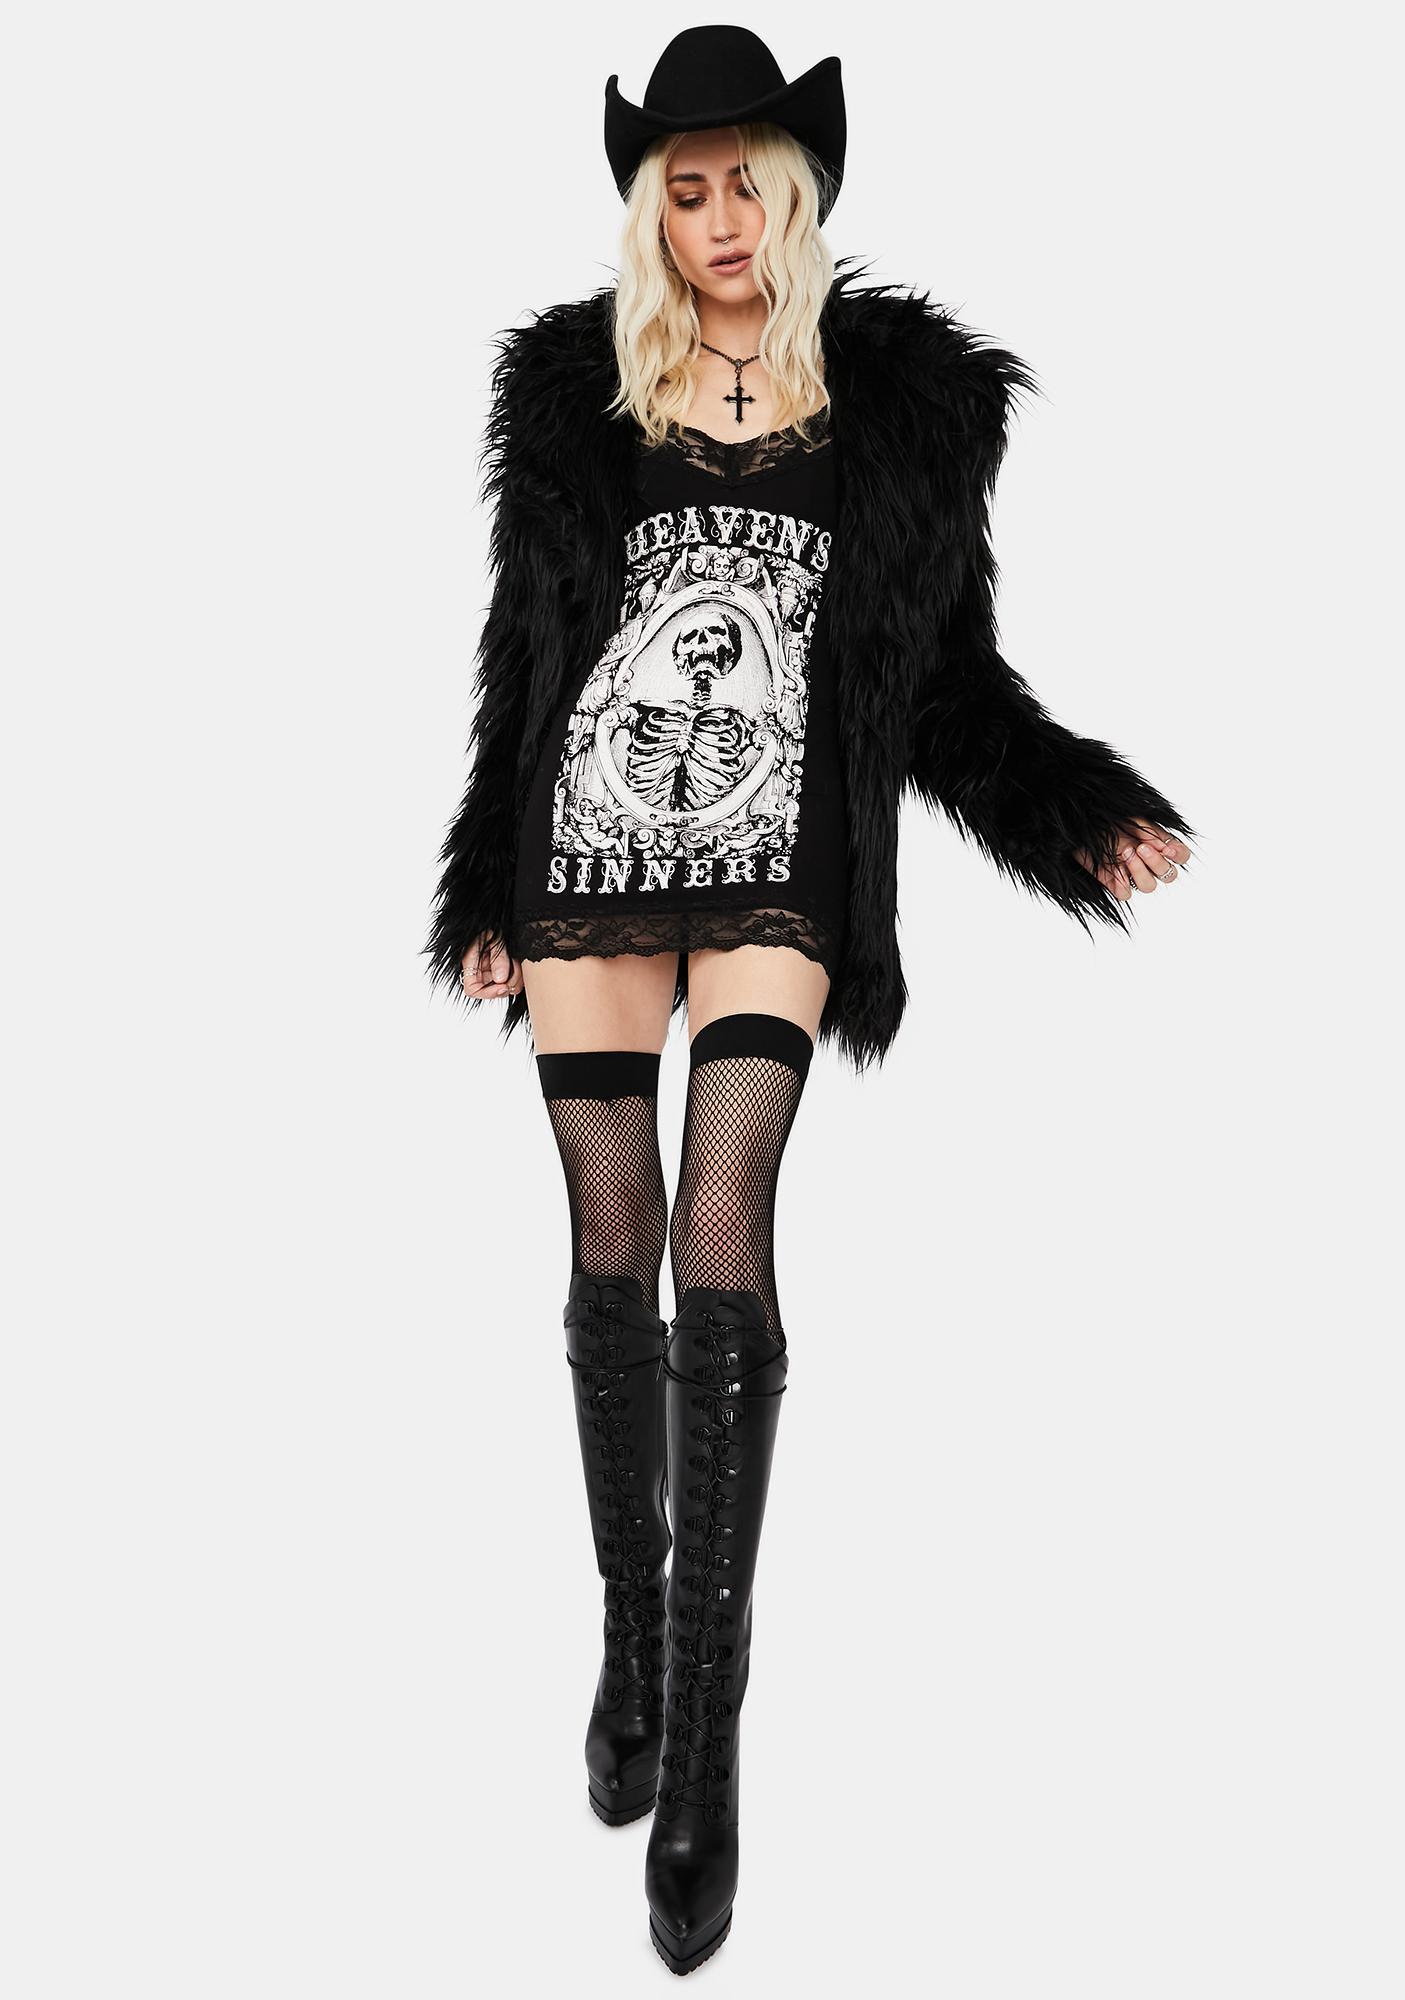 Se7en Deadly Heaven's Sinners Cami Dress